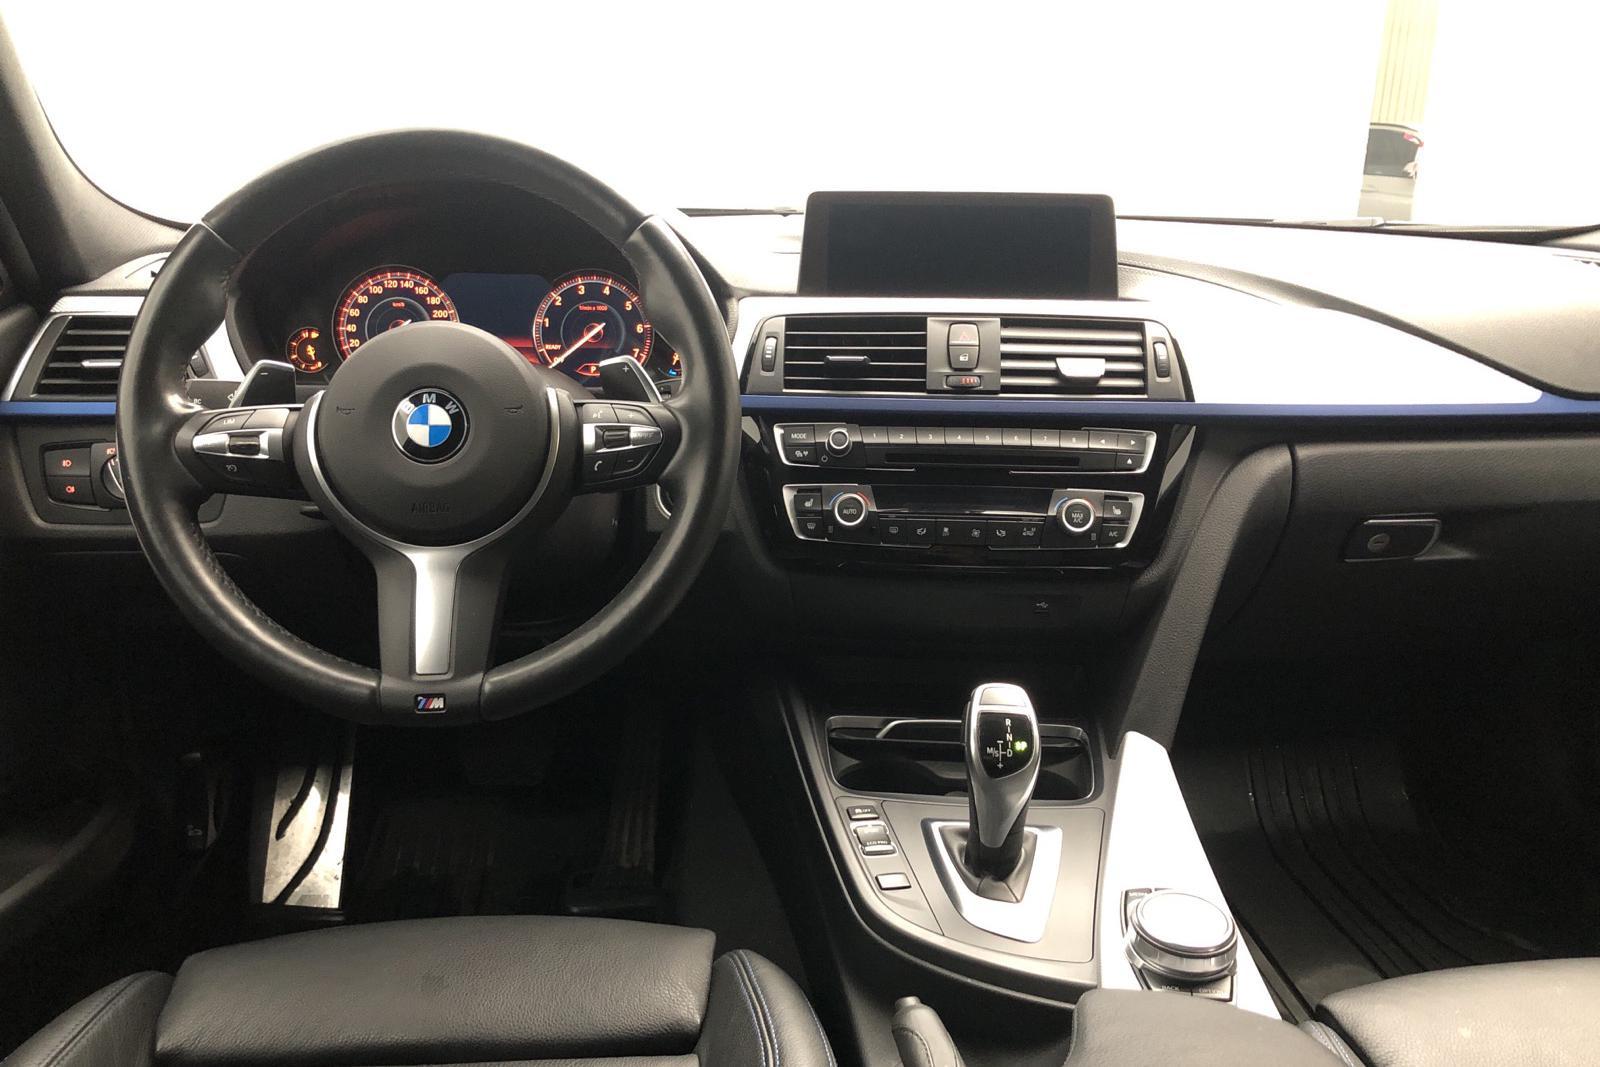 BMW 320i xDrive Sedan, F30 (184hk) - 0 mil - Automat - svart - 2018